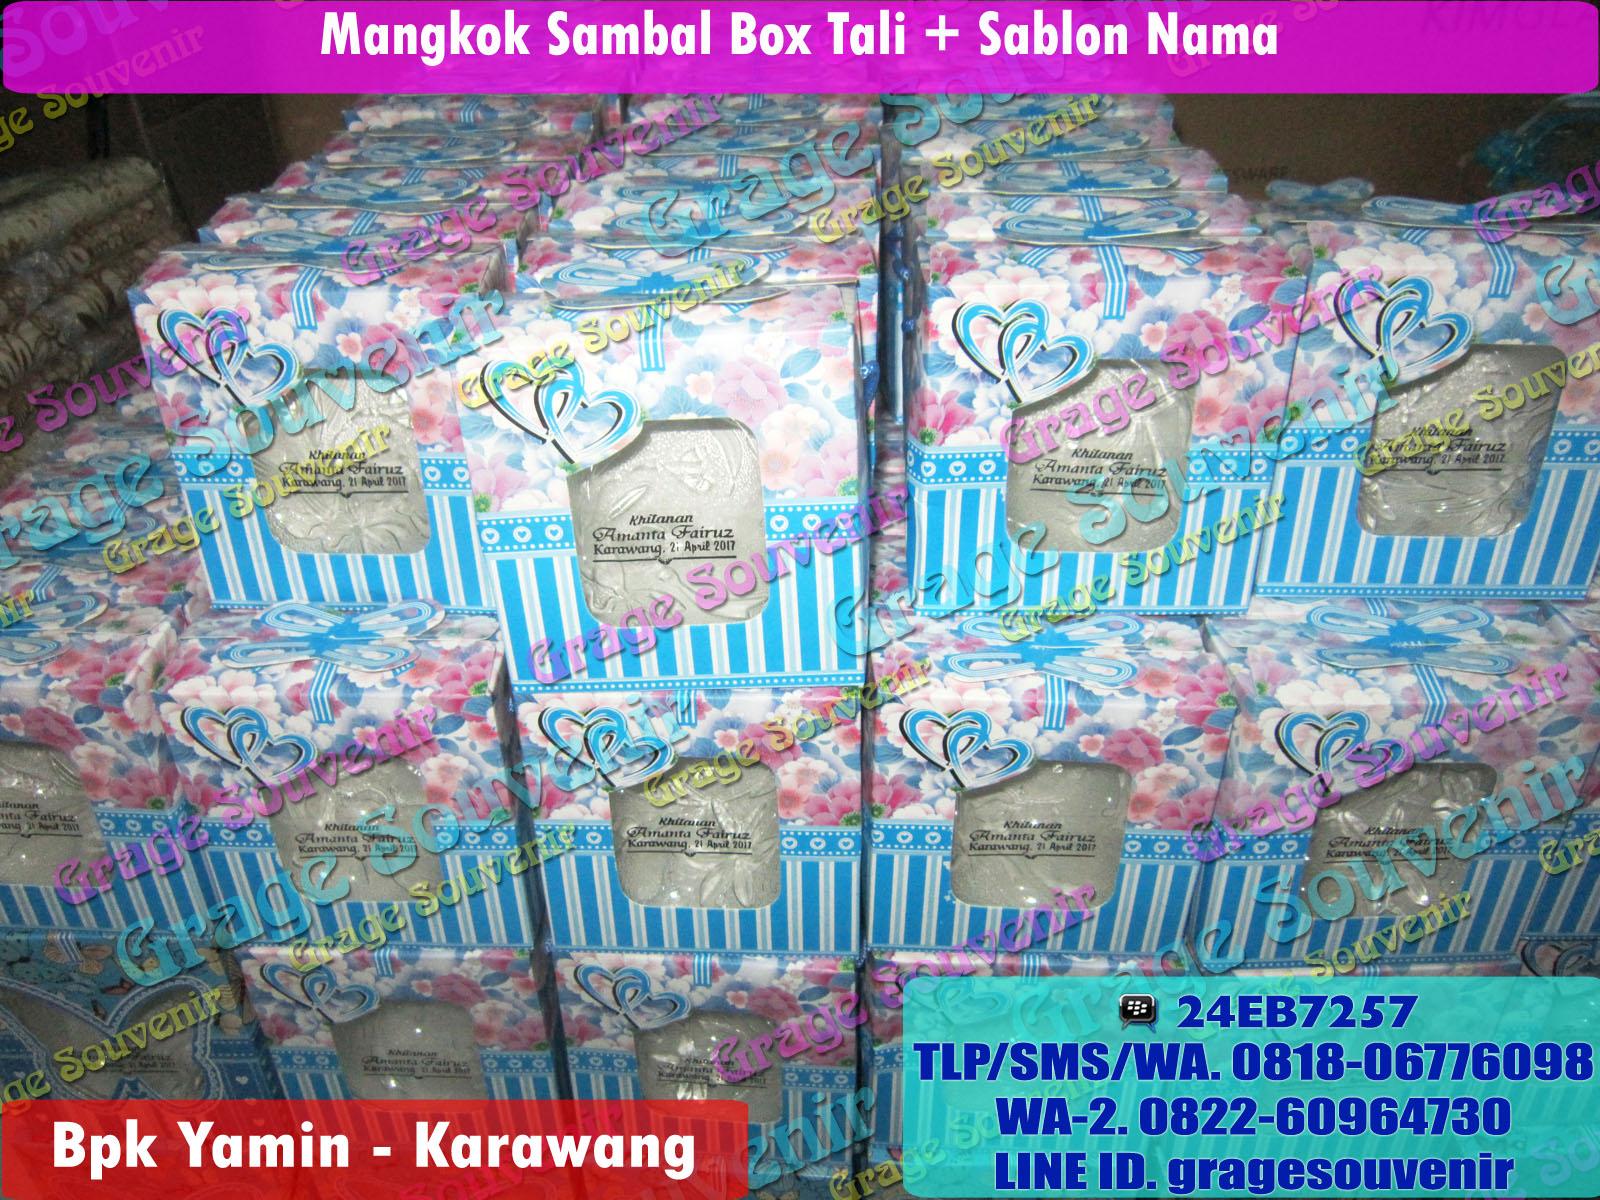 Toko Jual Grosir Souvenir Mangkok Karawang